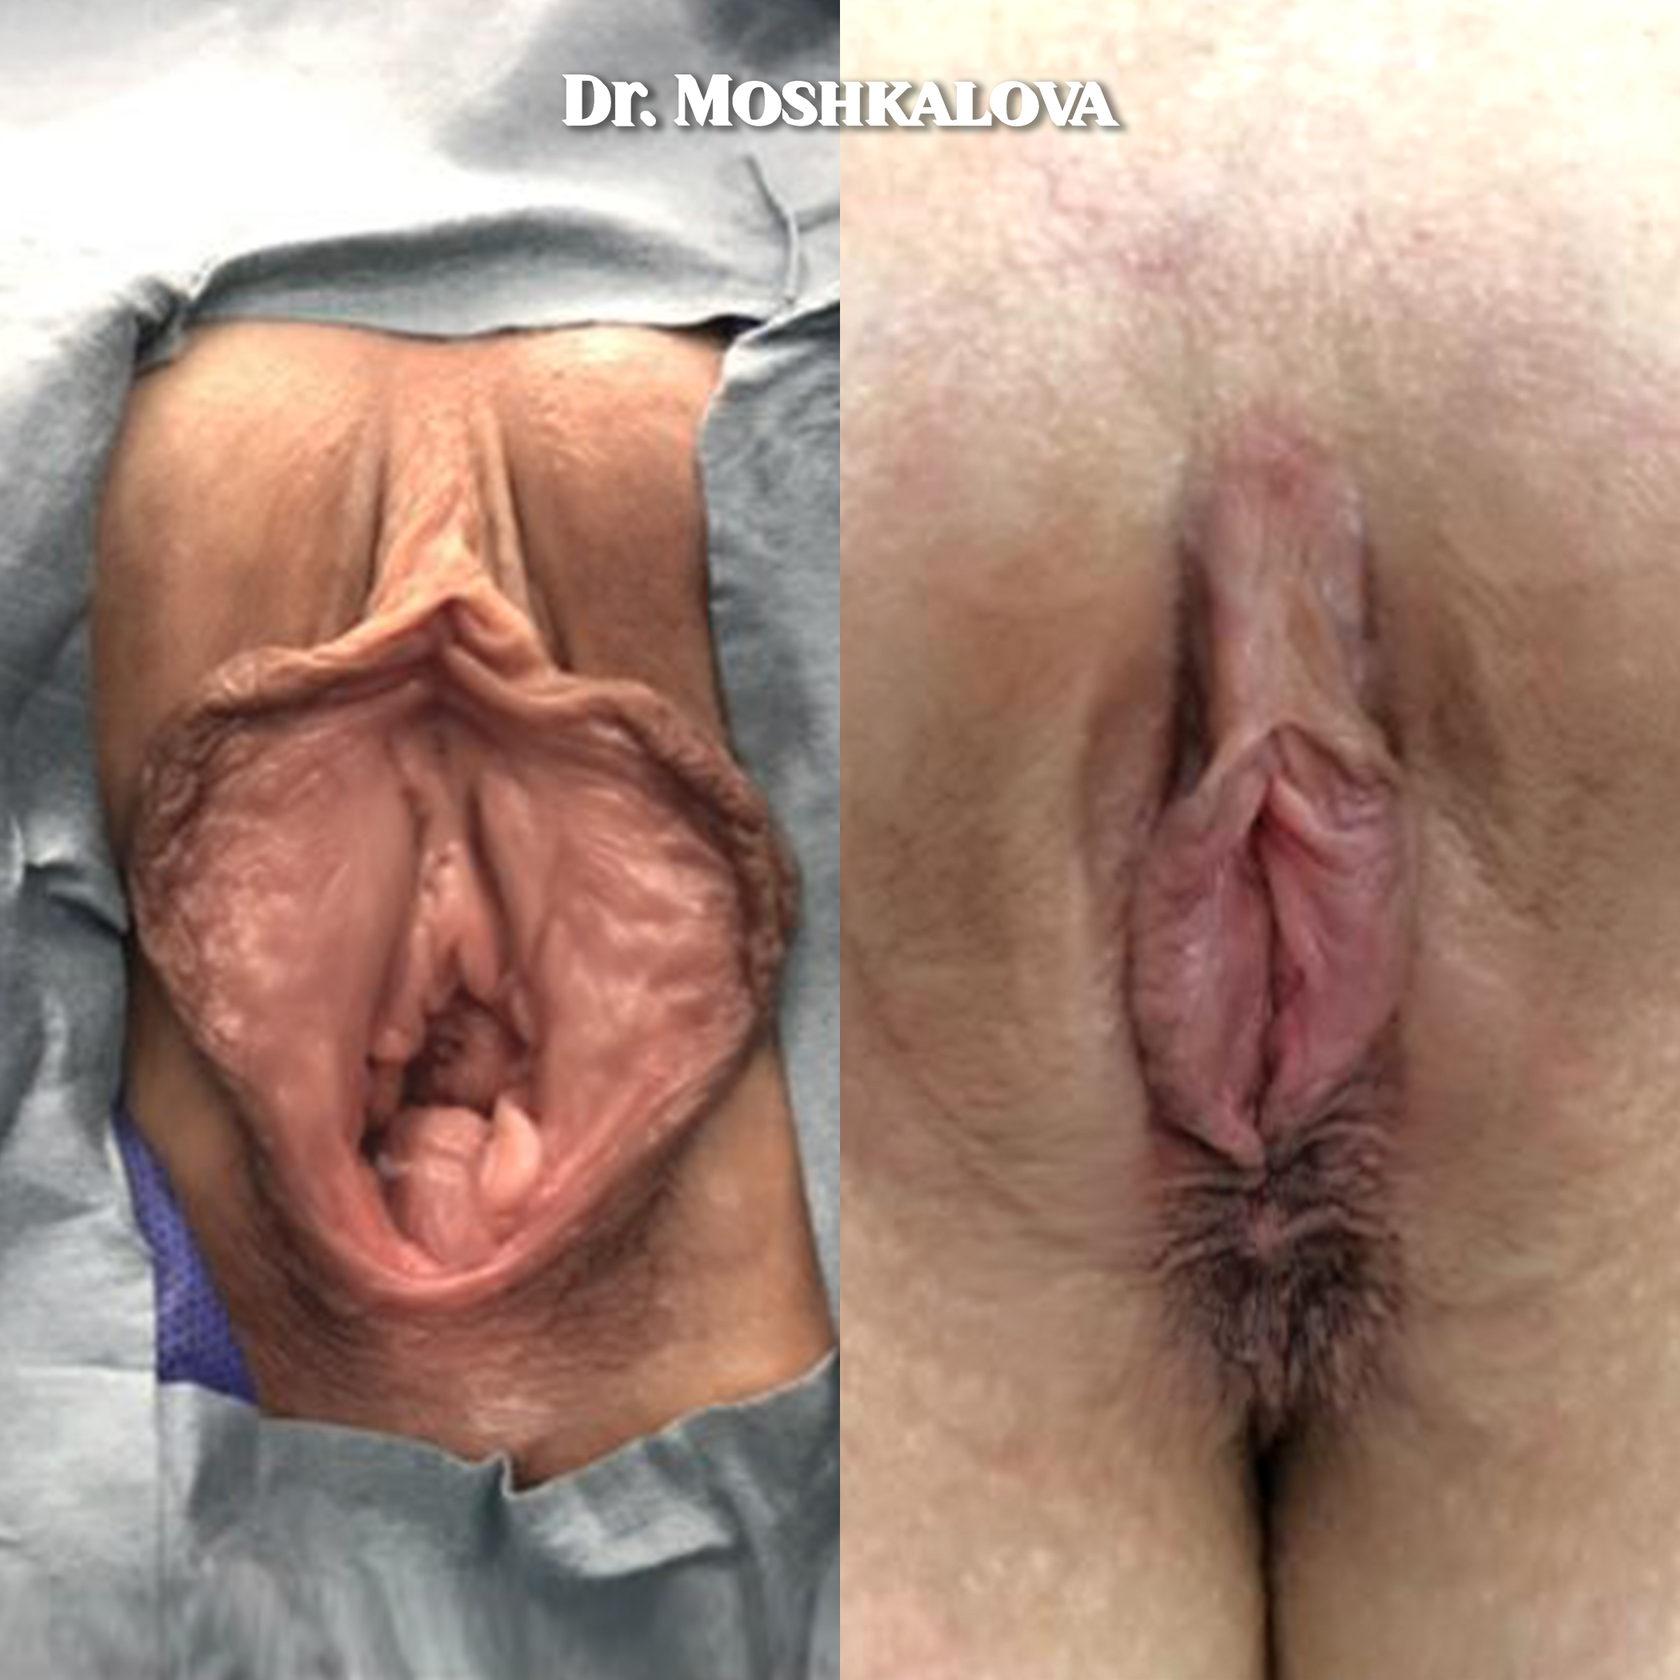 Порноактрисы сделавшие лабиопластику, я трансвестит ищу ебаря в омске